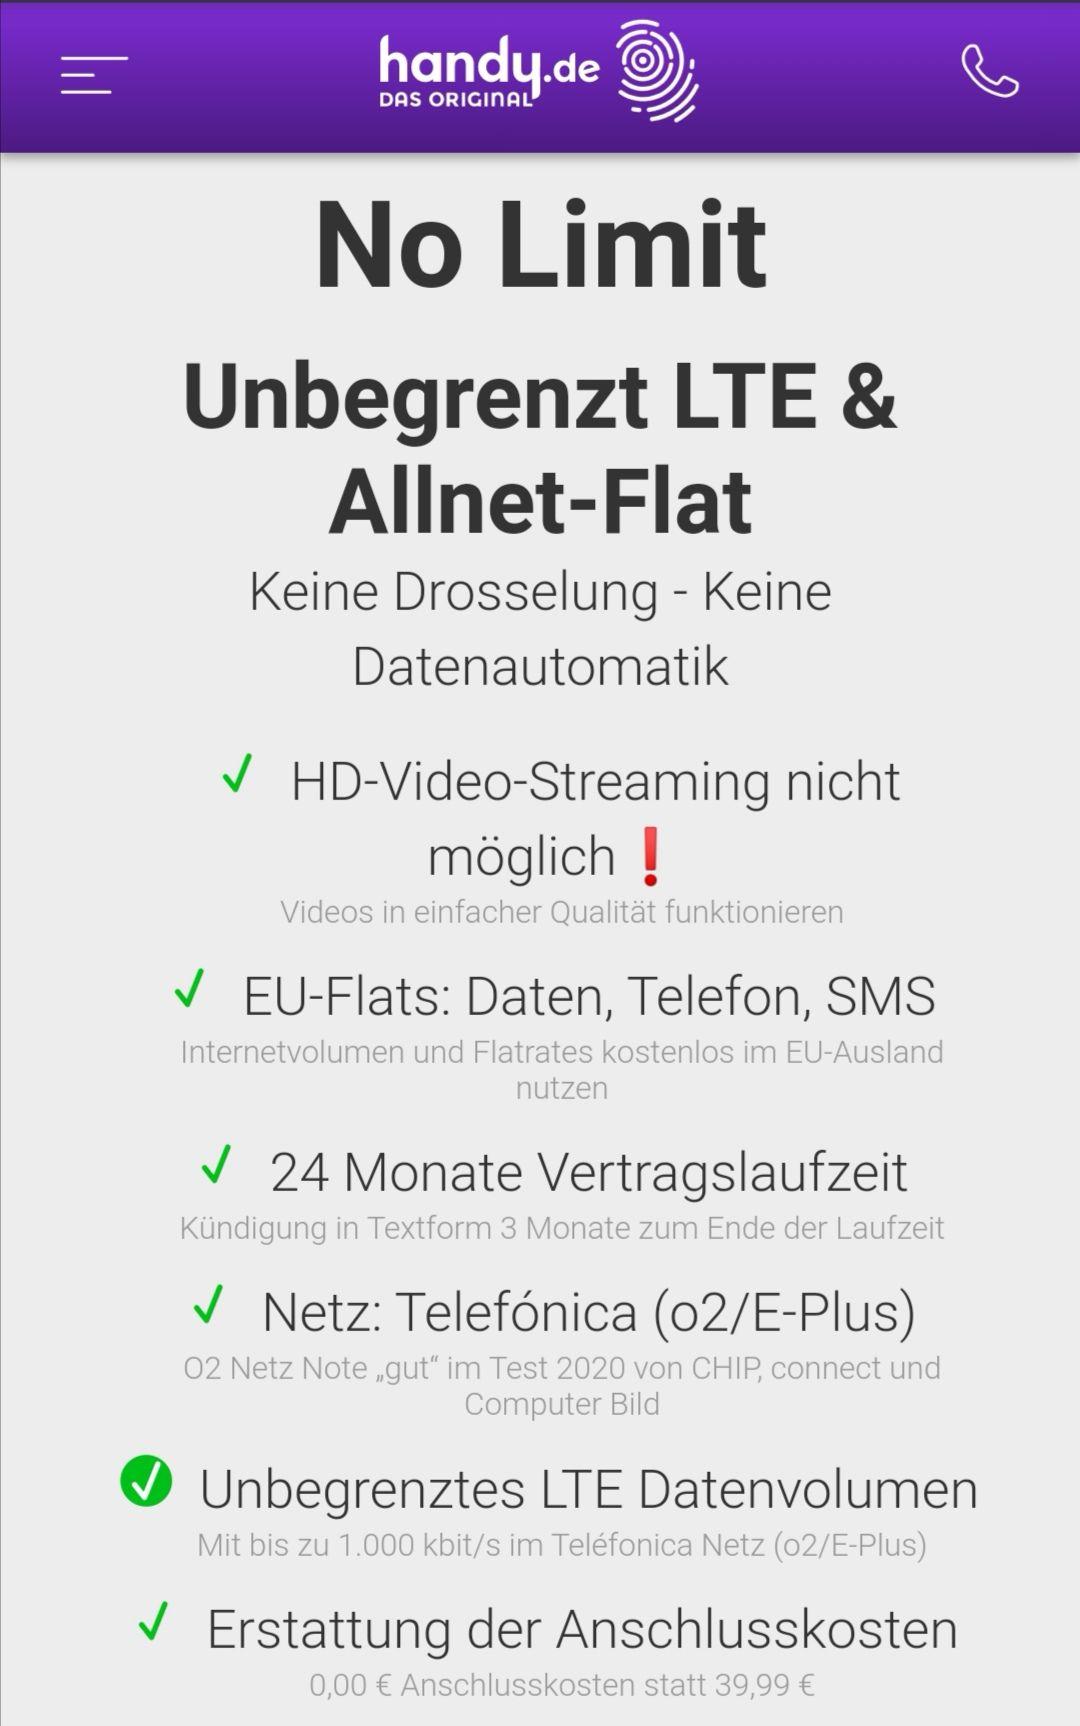 Unbegrenzt LTE (1Mbit/s) o2 Netz, Allnet Flat 9,99 €, 0 € Anschluss, 24 Monate [handy.de]